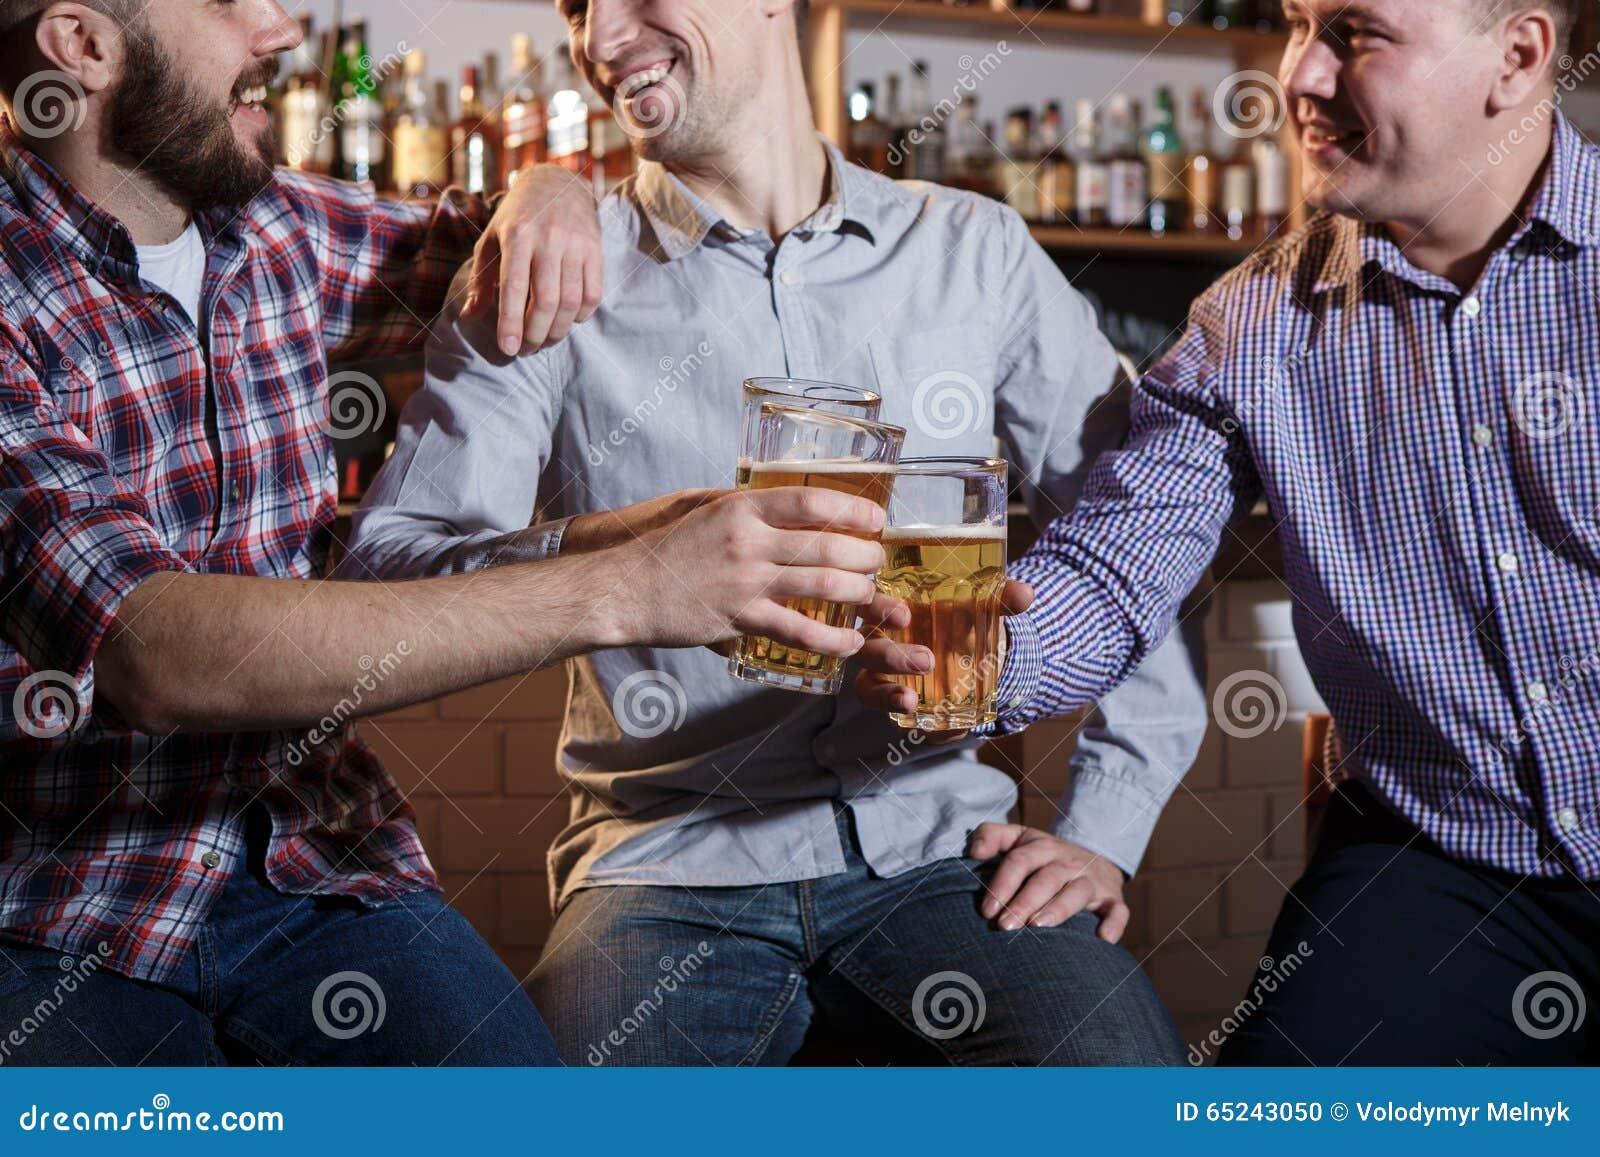 раз я выпил с друзьями по привычке слушать - 2